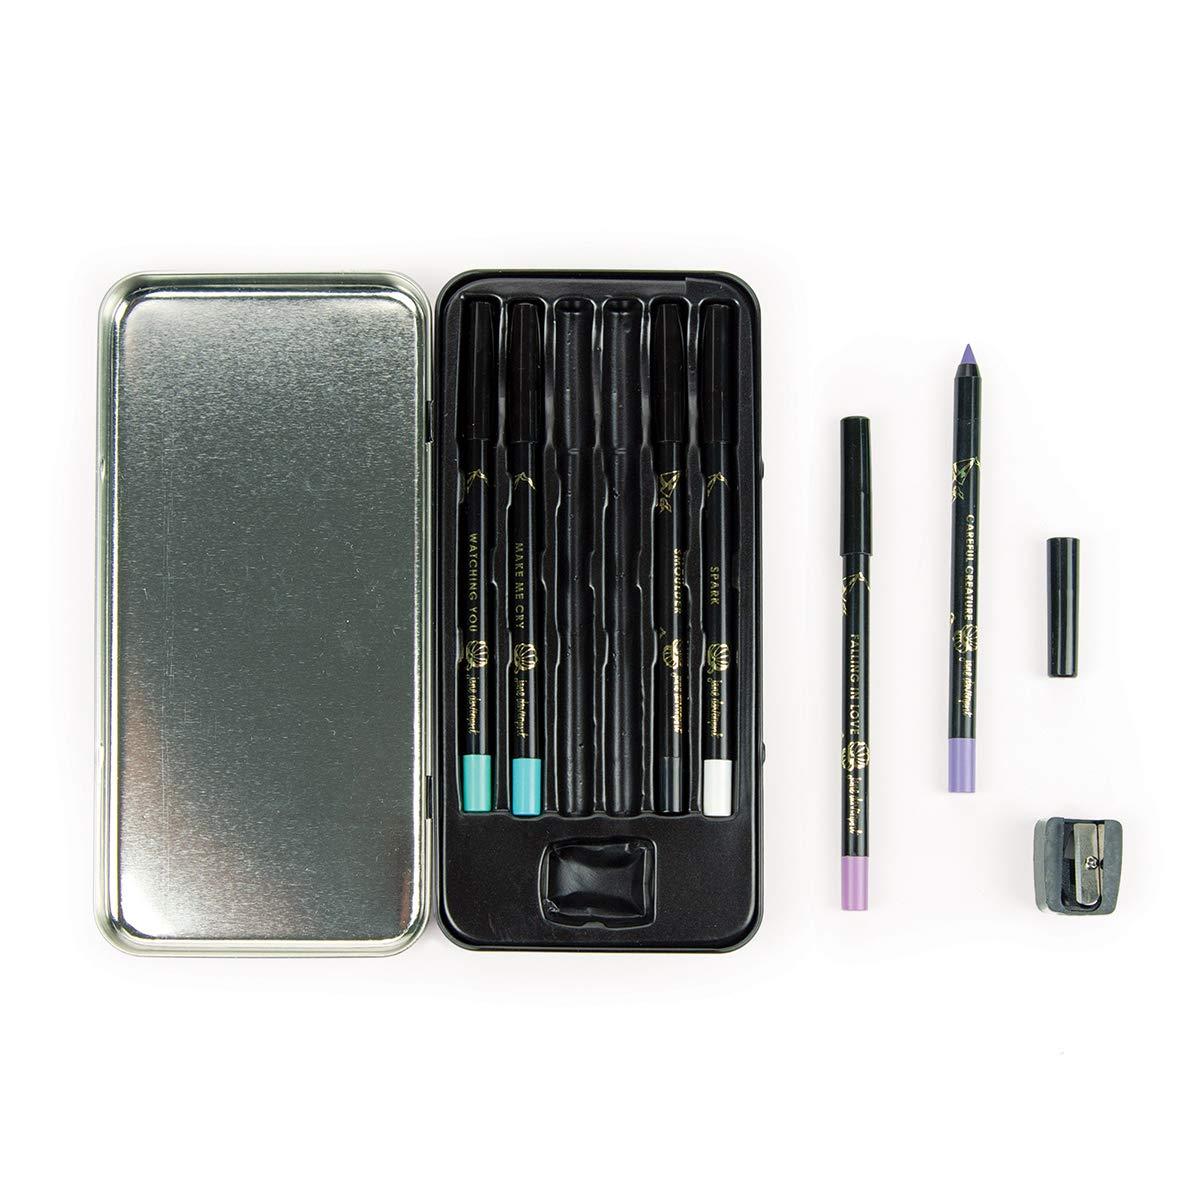 Spellbinders JDM-033 DramaStick Waterproof Pencil Crayons Ocean Eyes